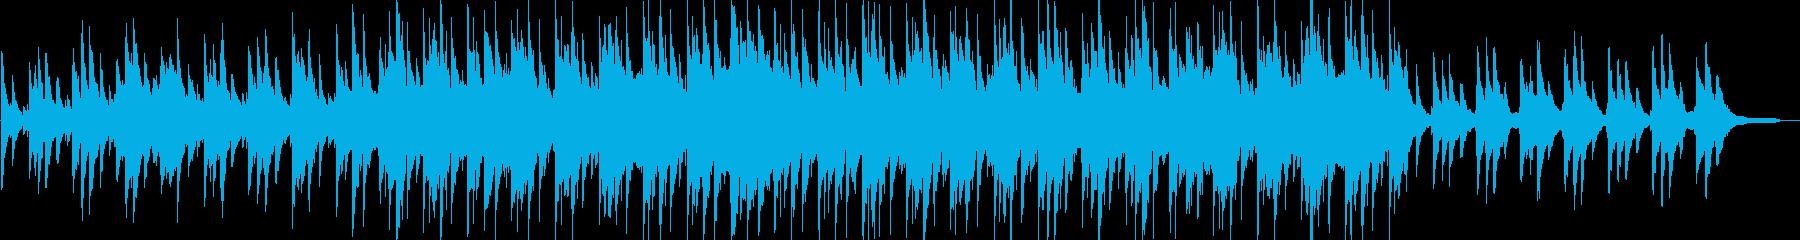 感動的・スウィング調・映像・イベント用の再生済みの波形